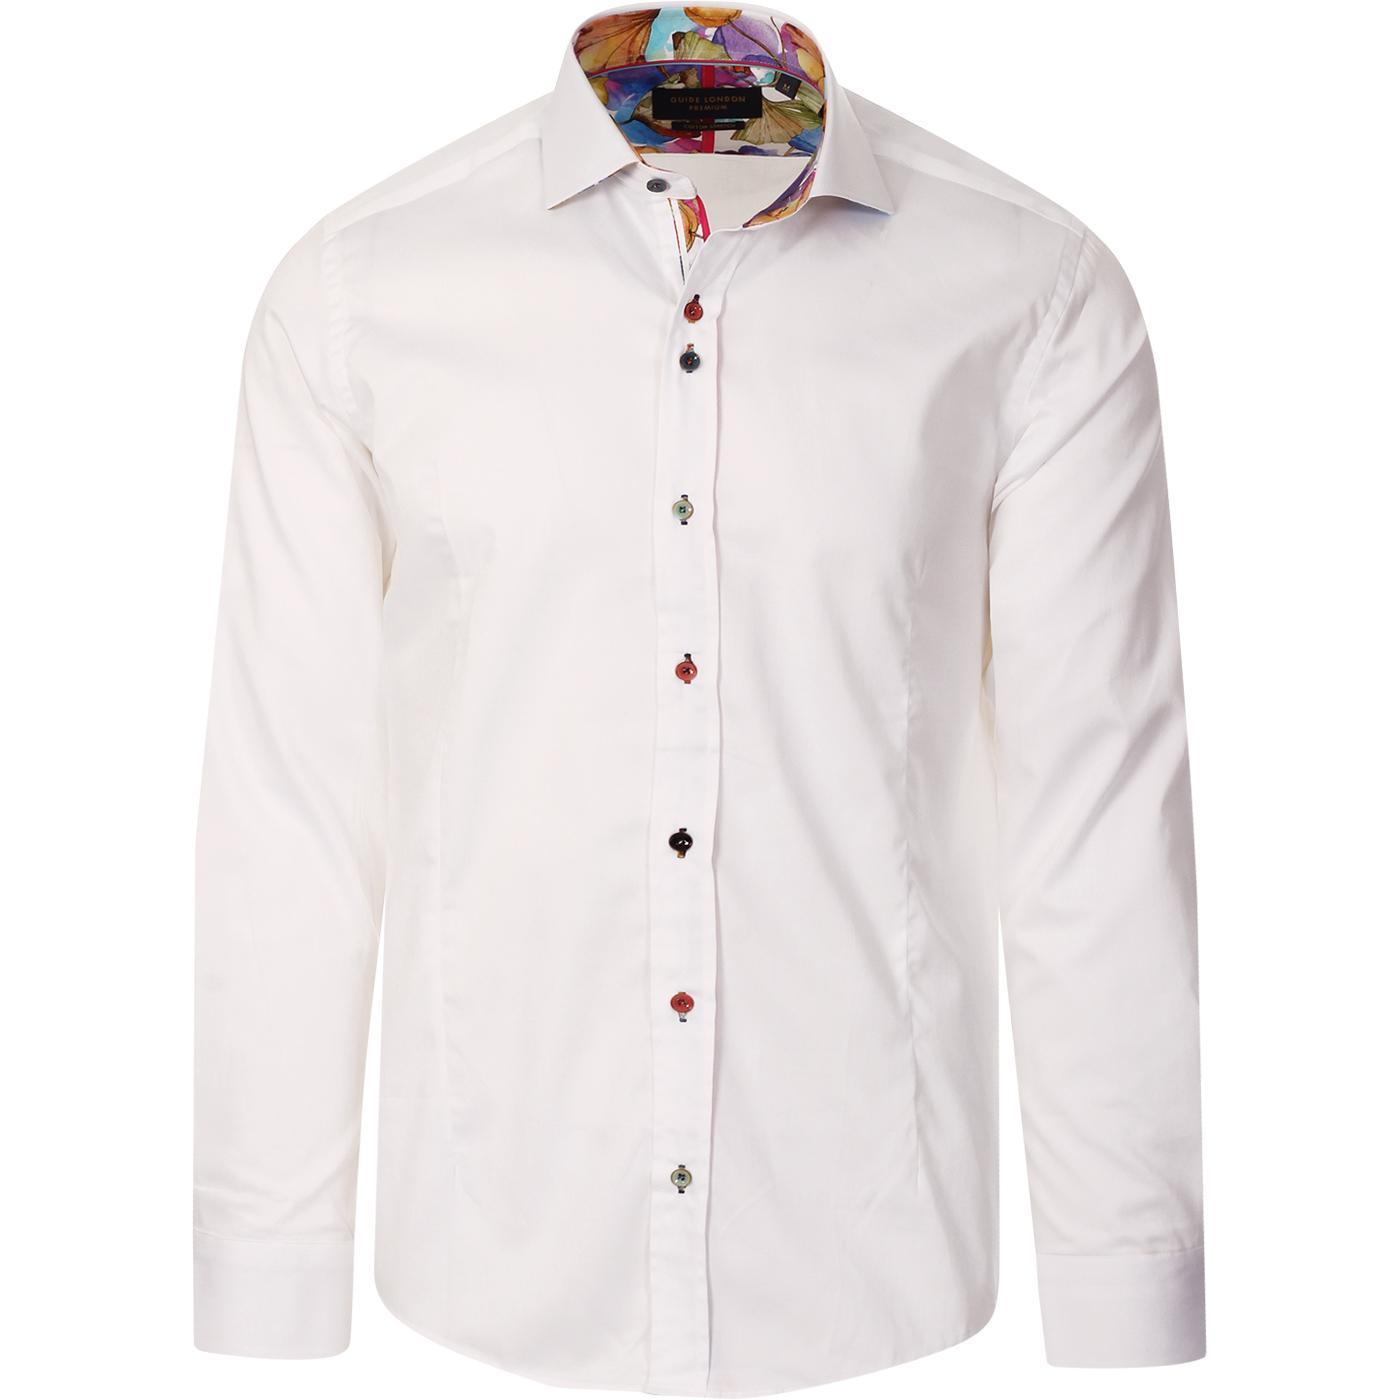 GUIDE LONDON Mod Multi Colour Button Smart Shirt